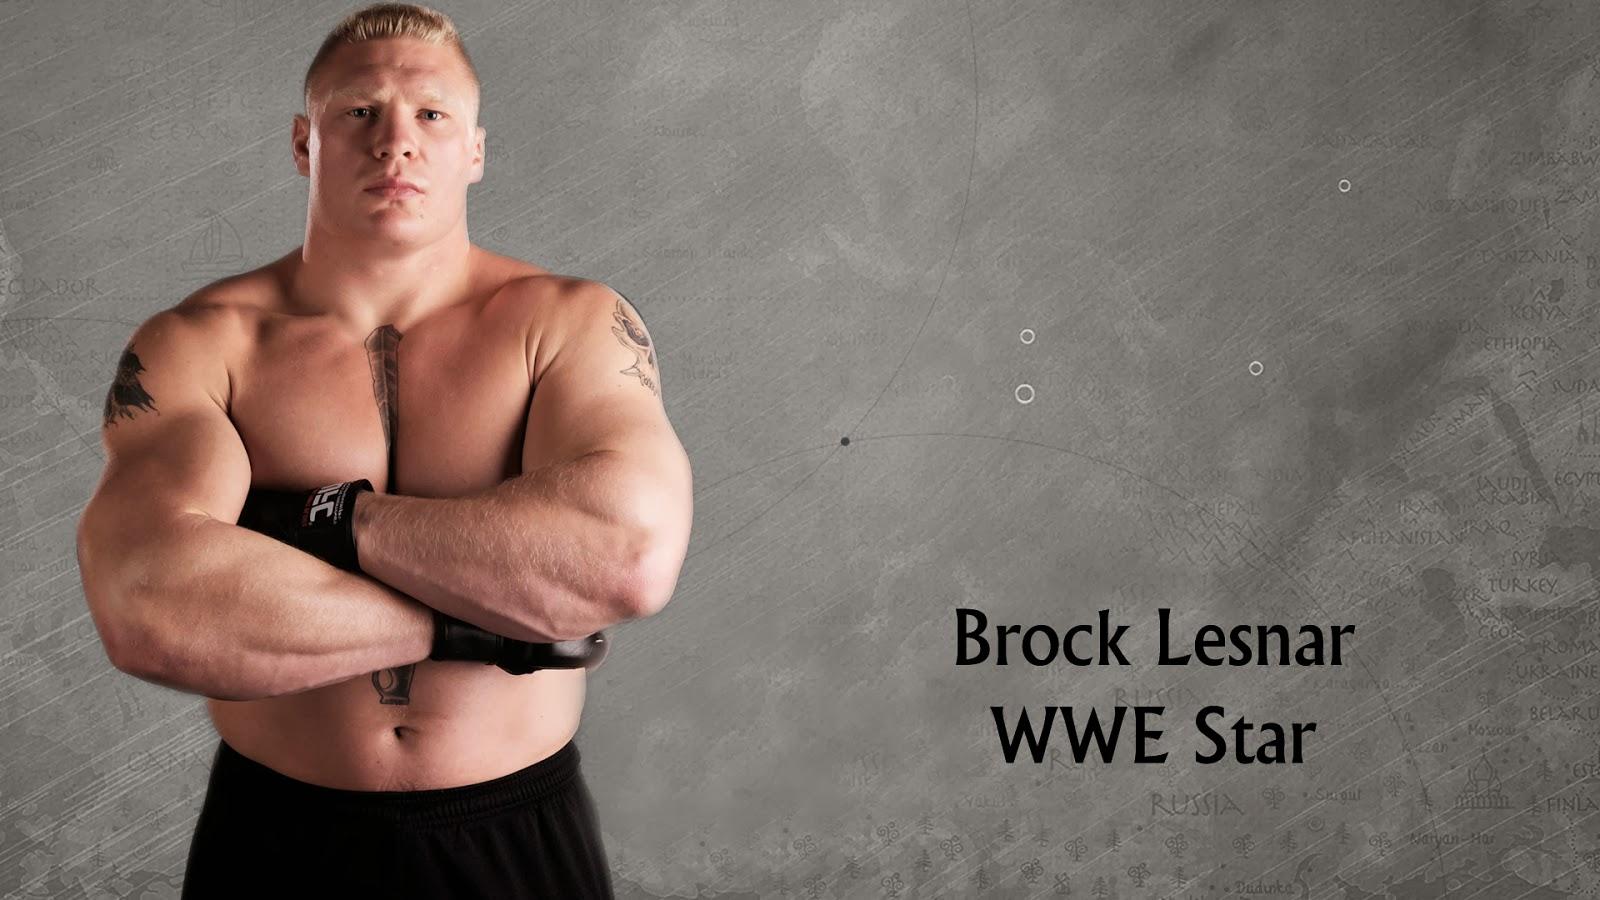 Free Download Brock Lesnar Hd Wallpapers Download Wwe Hd Wallpaper